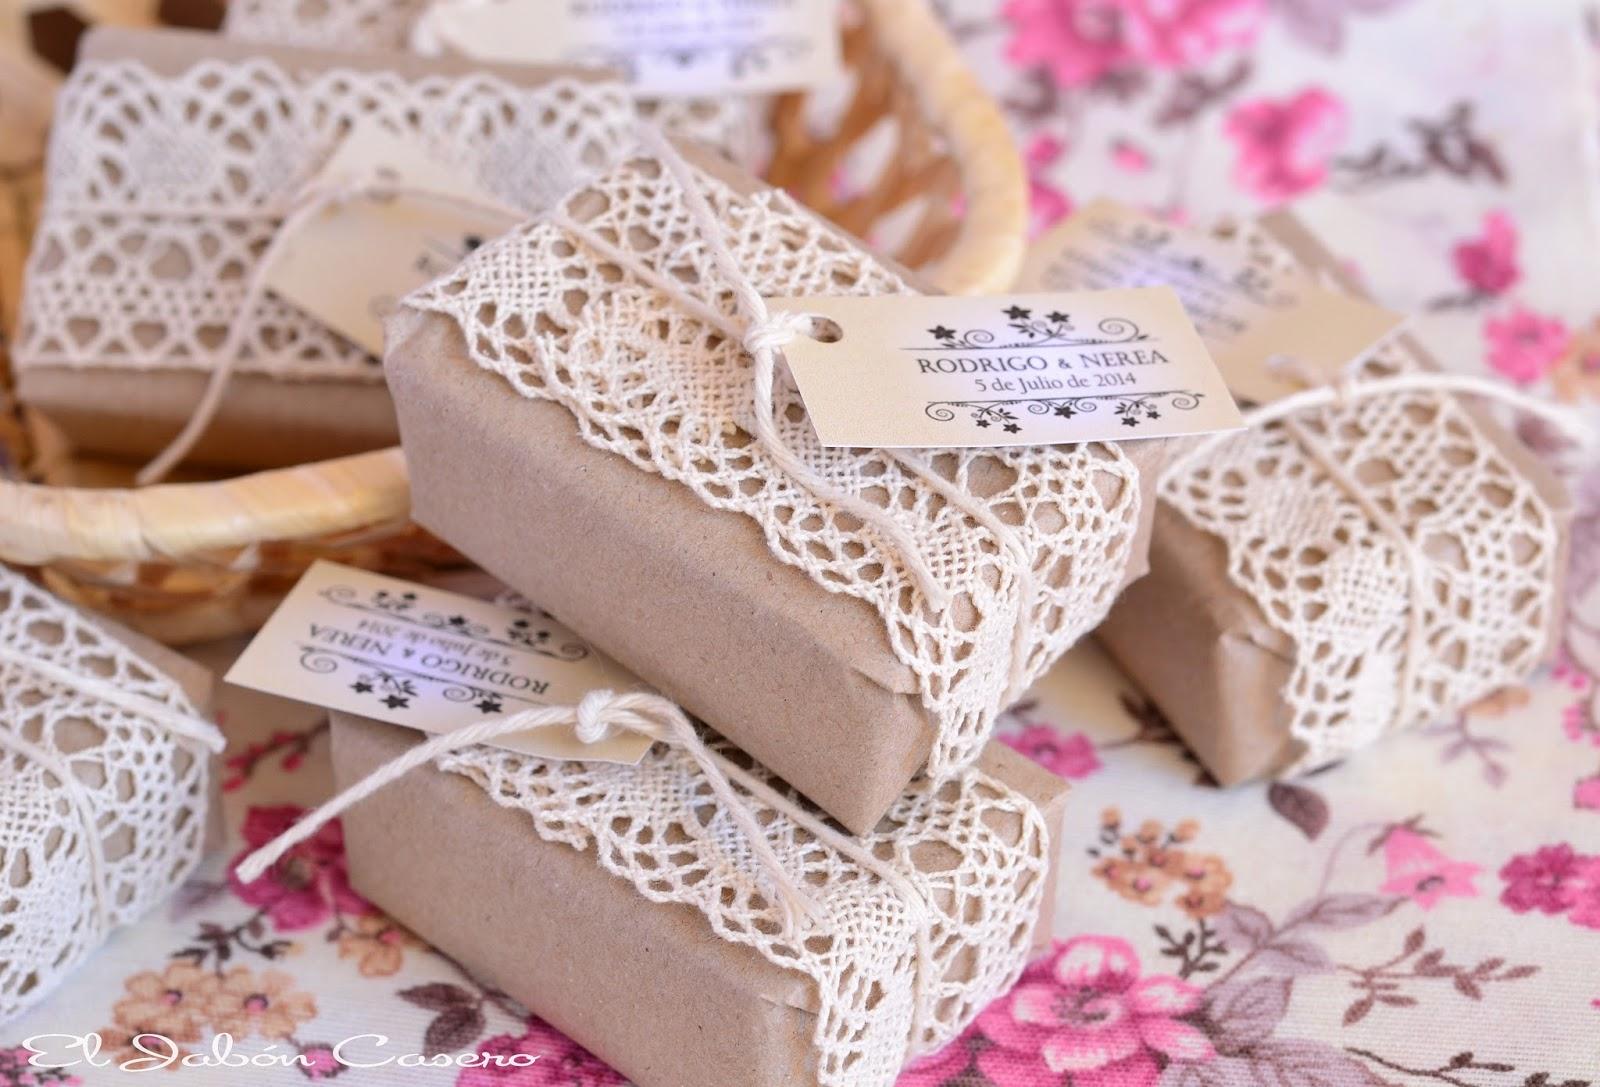 Detalles de boda jabones naturales artesanales